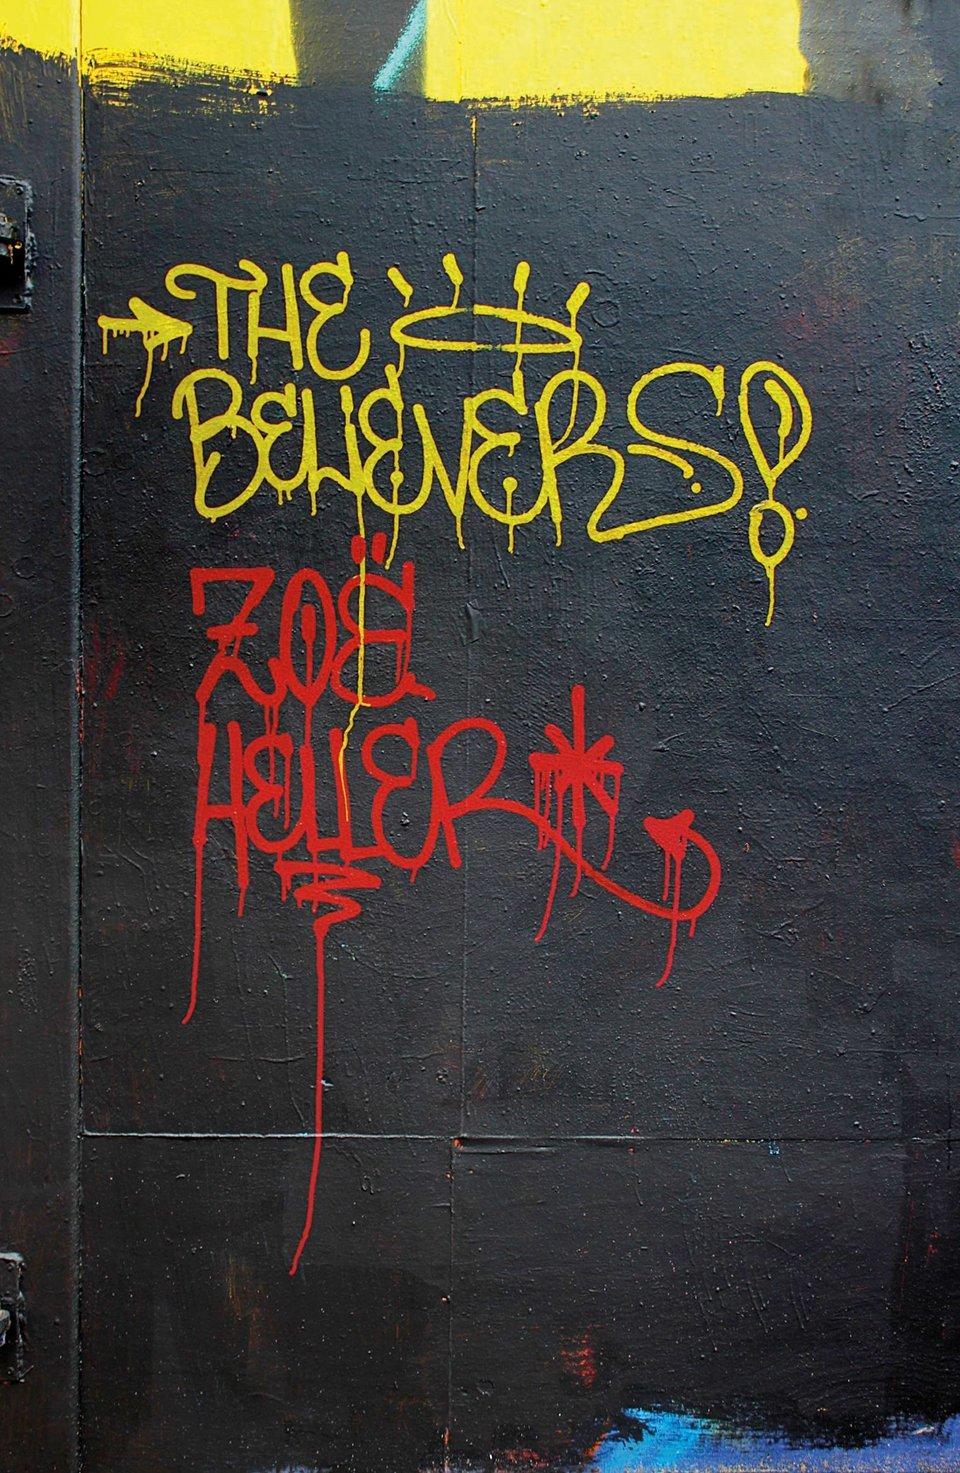 The Believers (Zoe Heller) - Artista: Sickboy